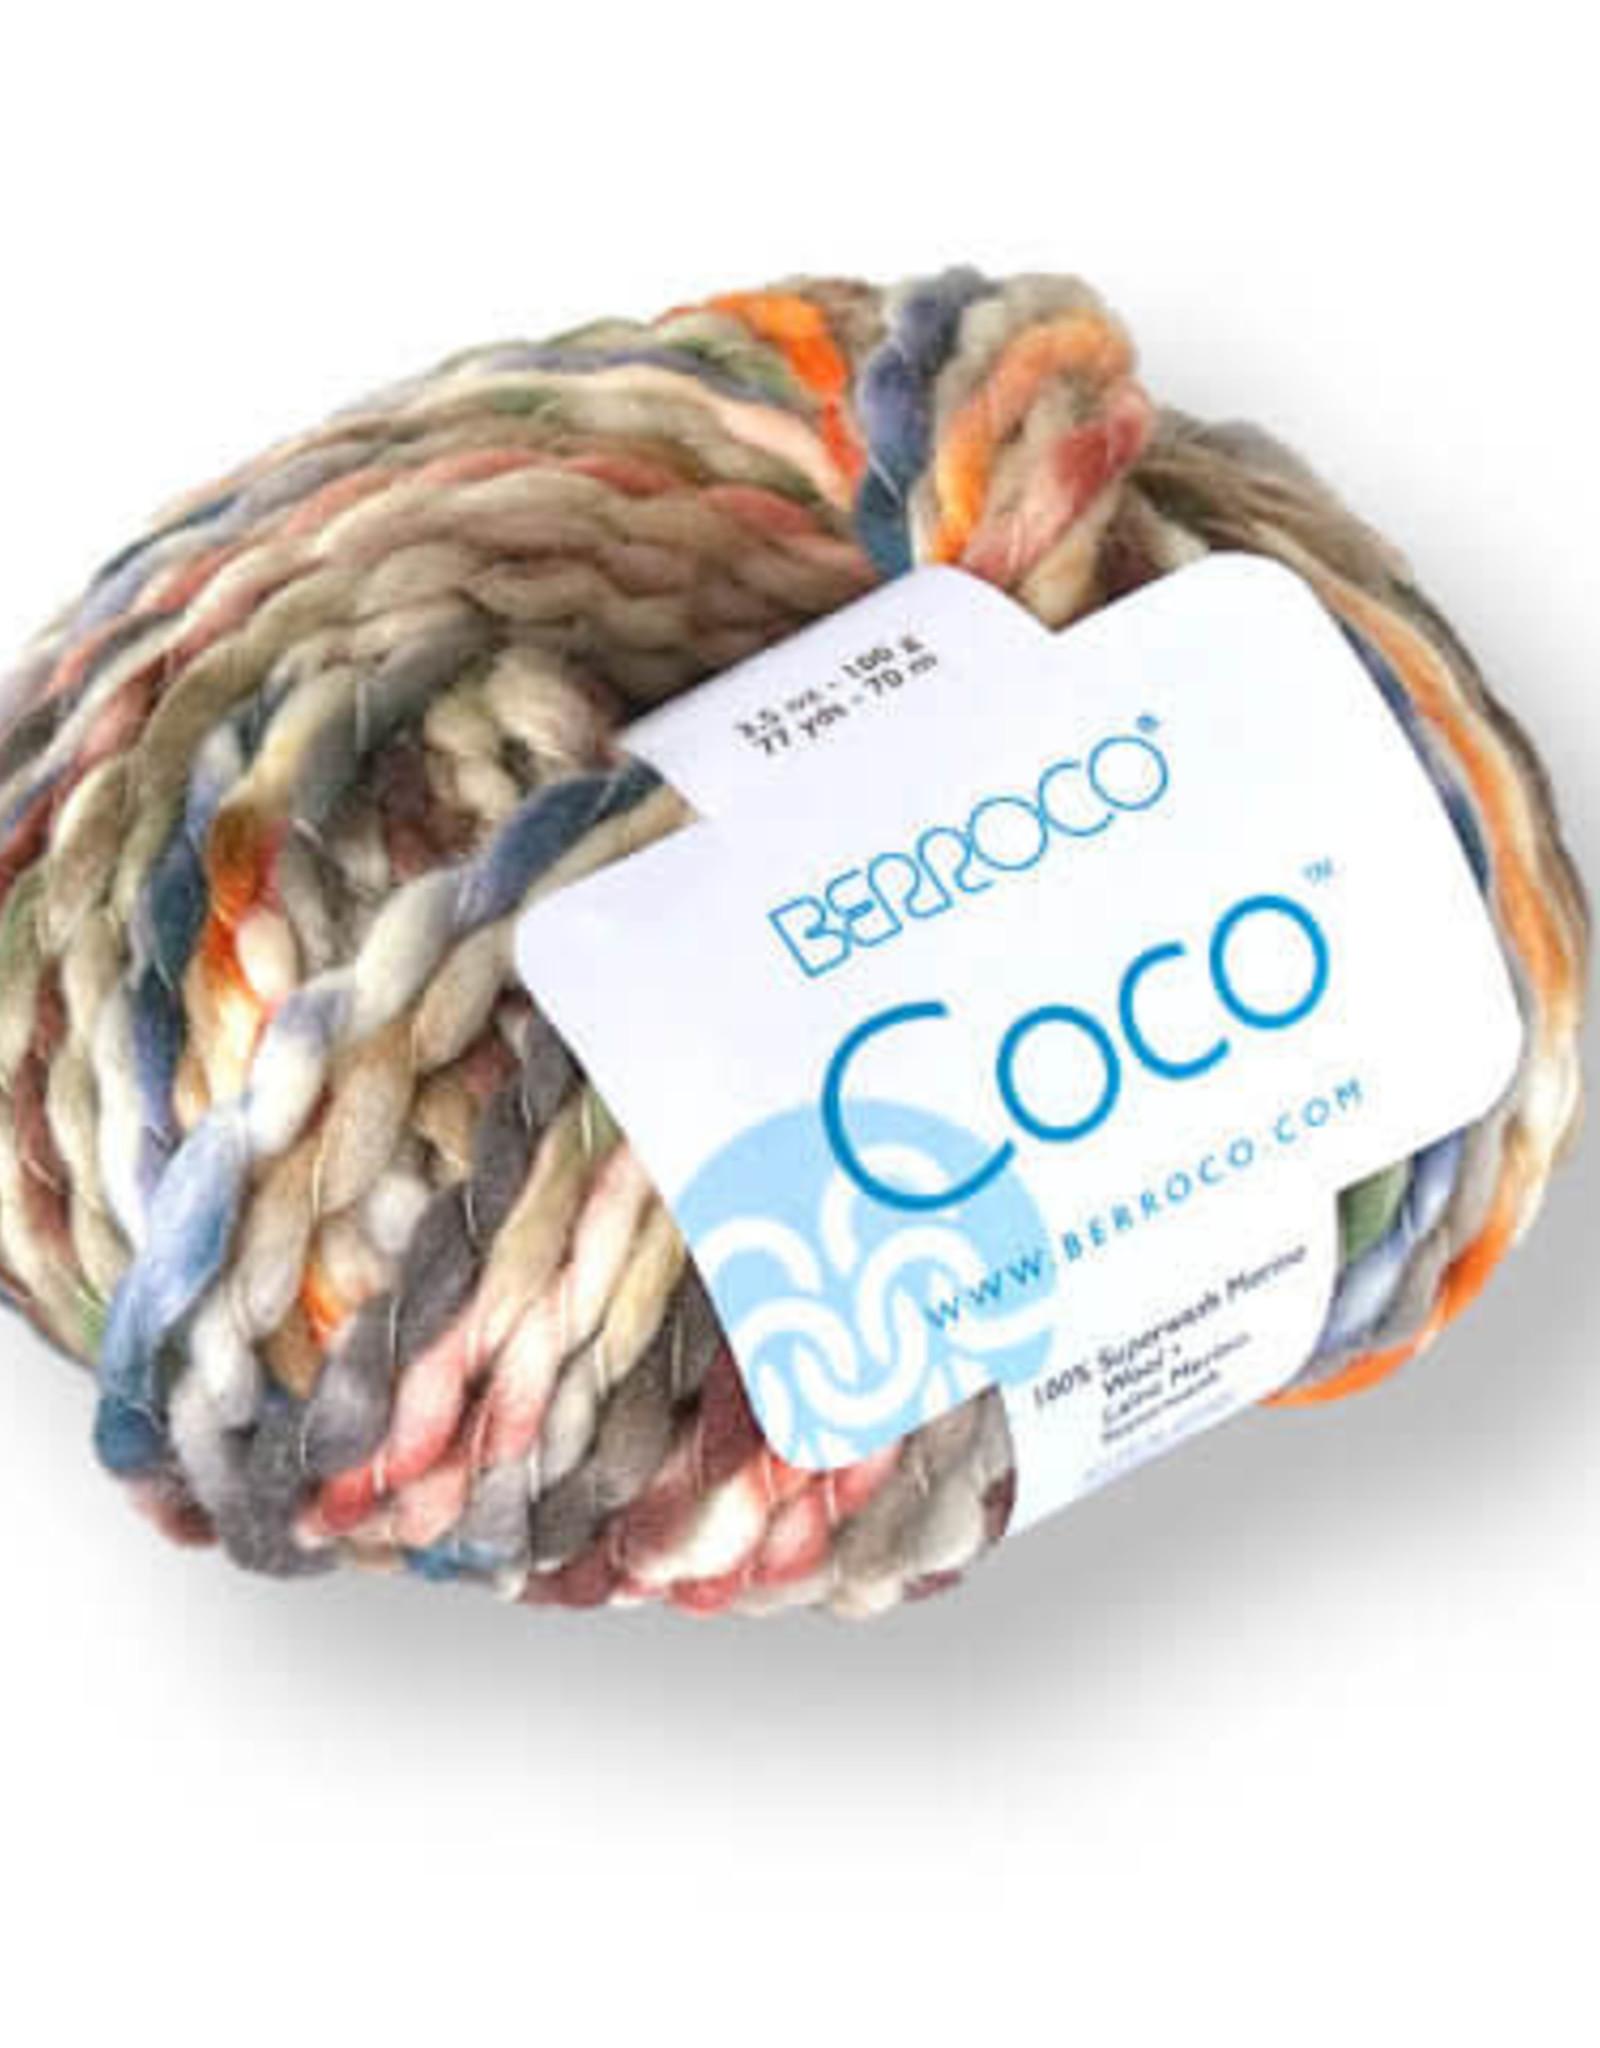 Berroco Berroco - Coco